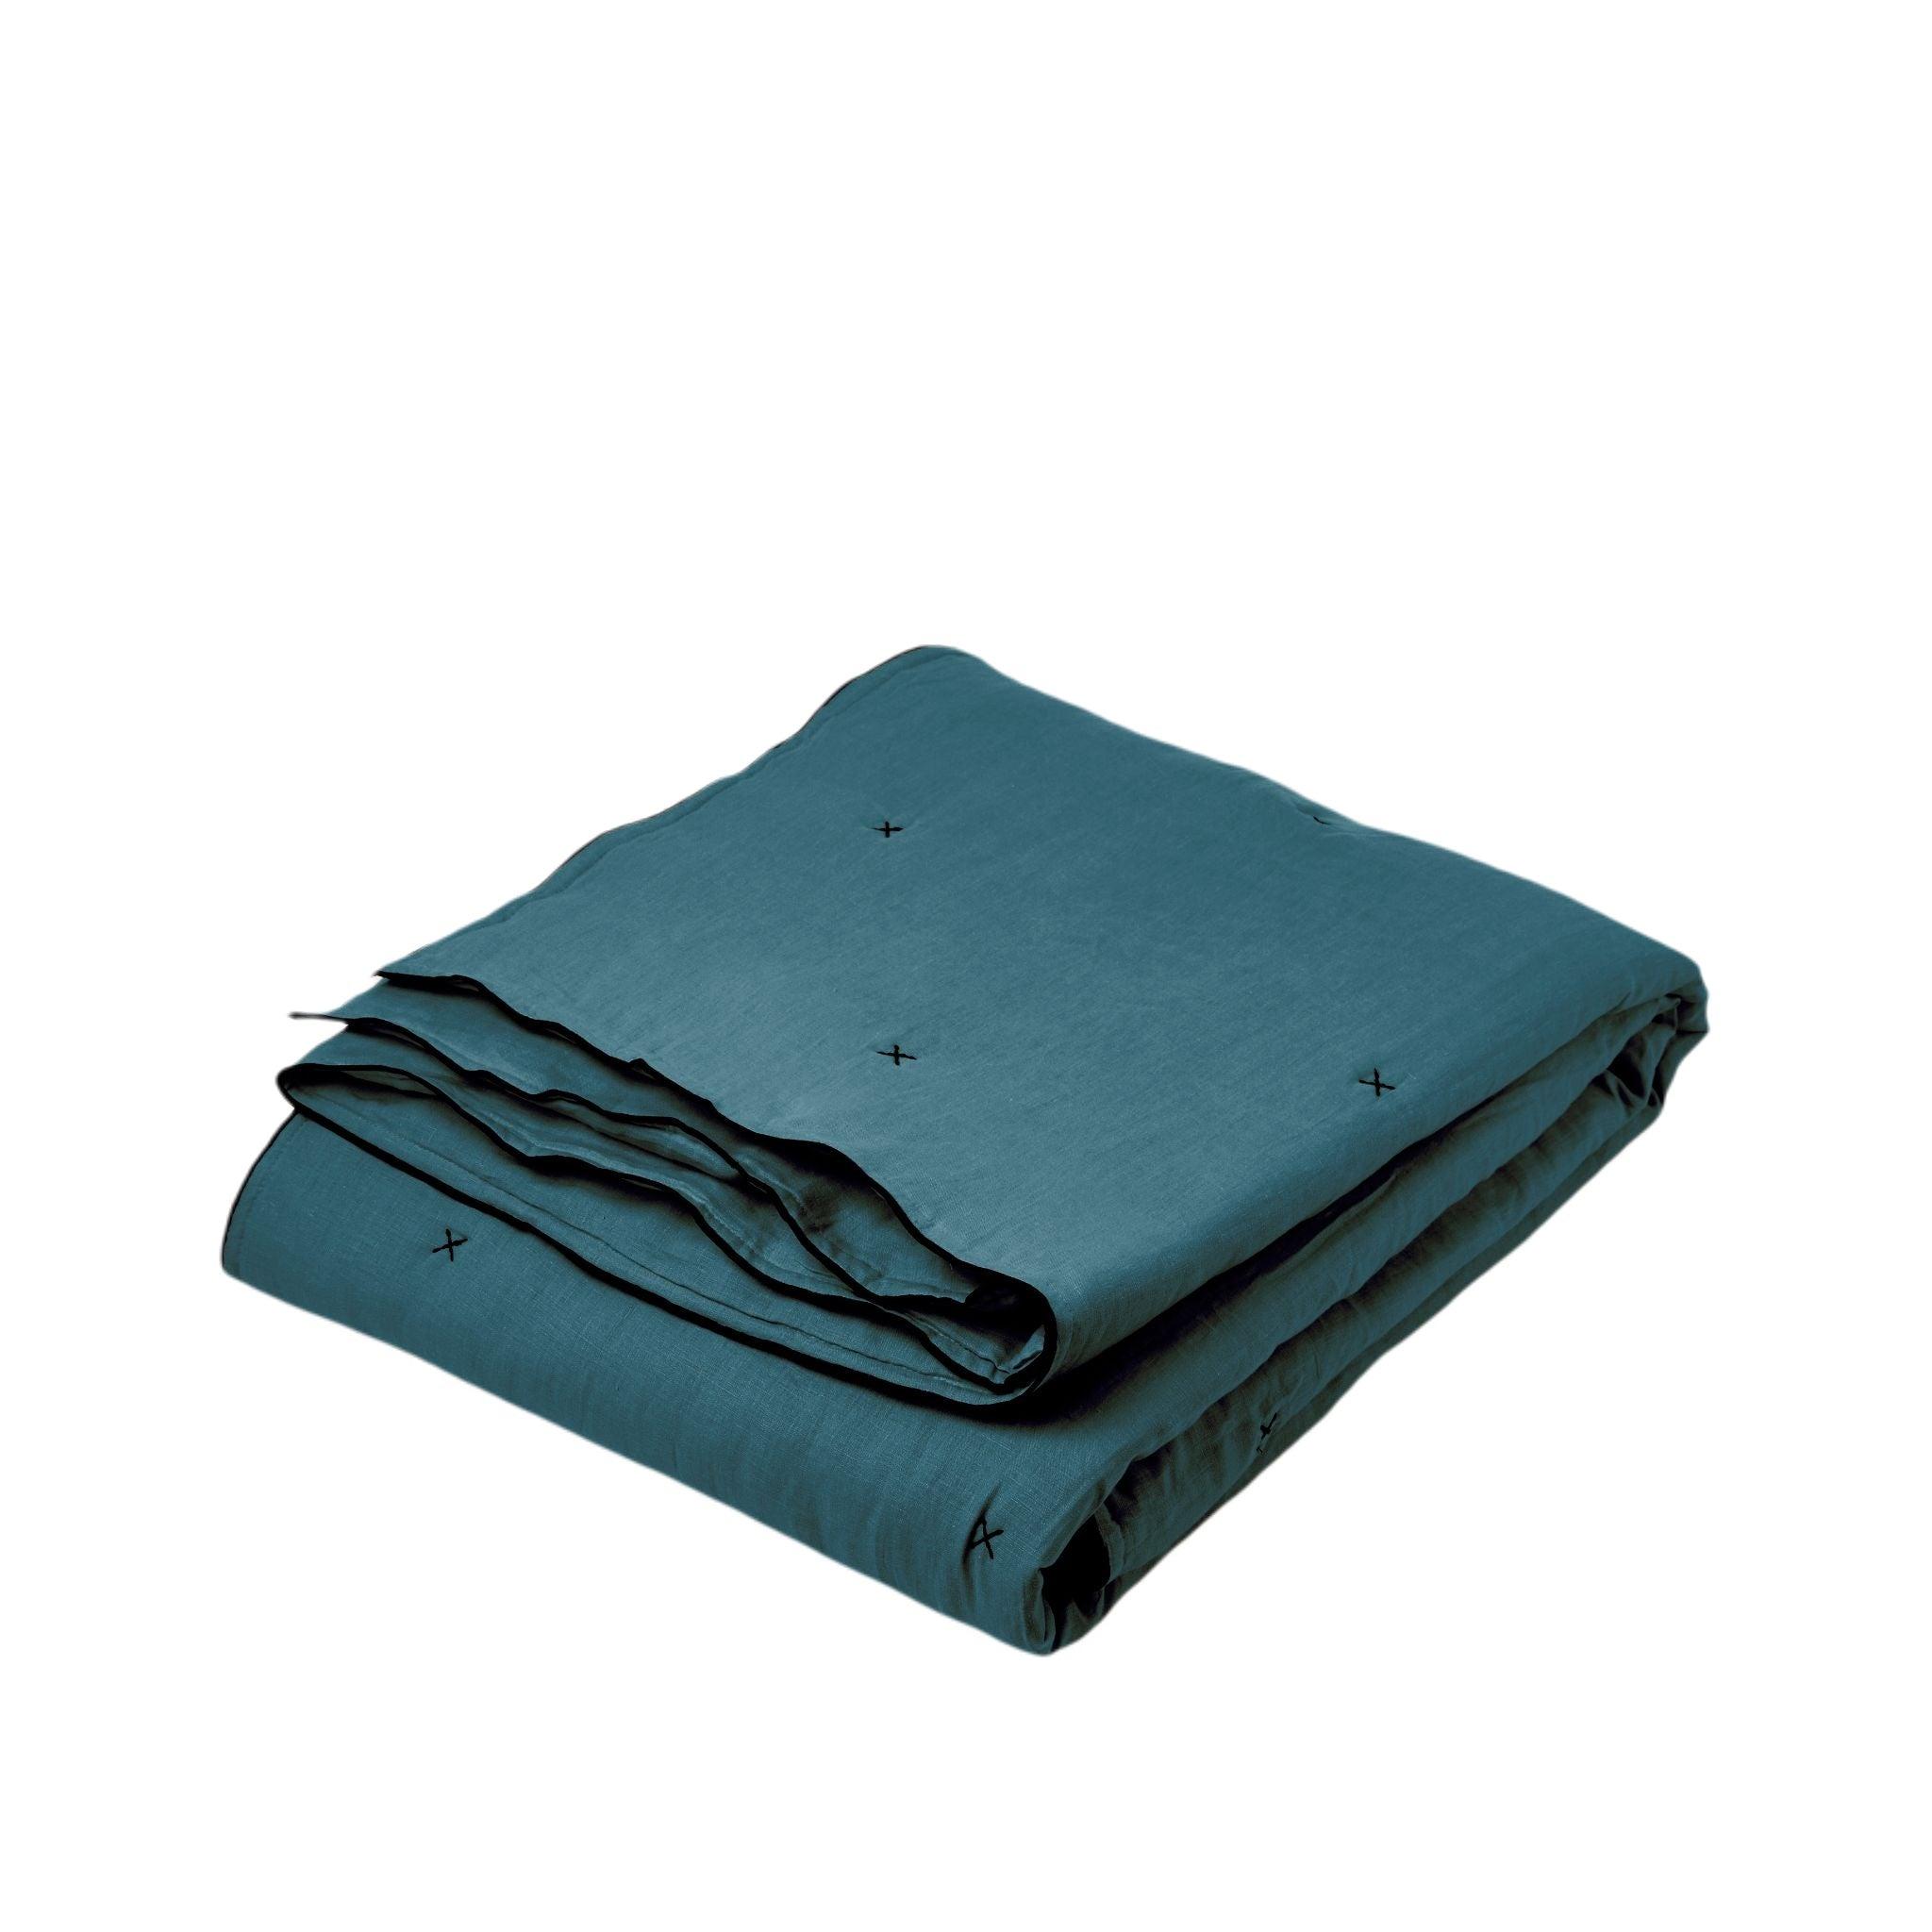 Couvre-lit matelassé 225x280 cm Bleu vert et bourdon noir en Lin